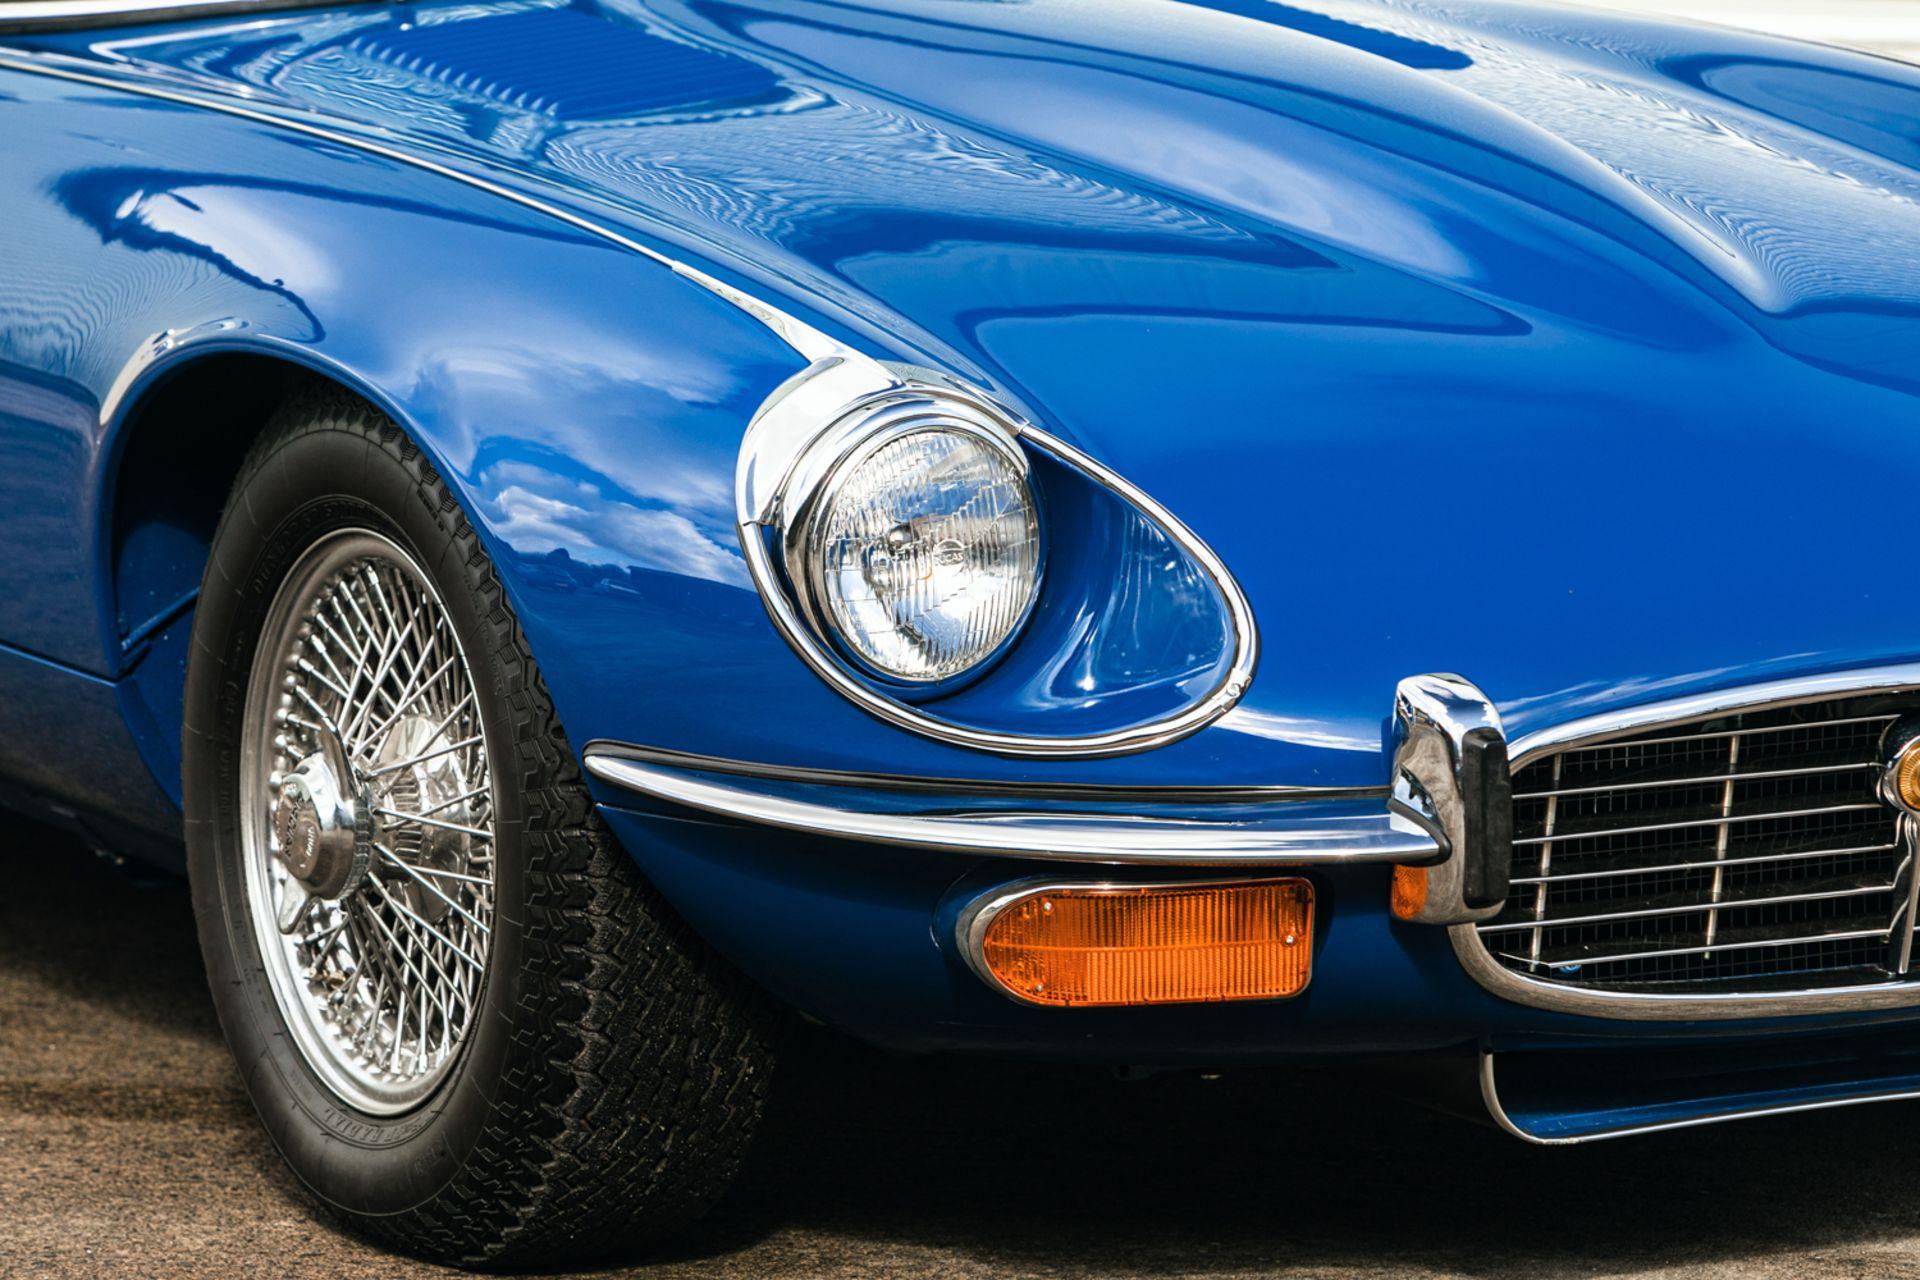 Lot 122 - 1973 Jaguar E-Type Series 3 V12